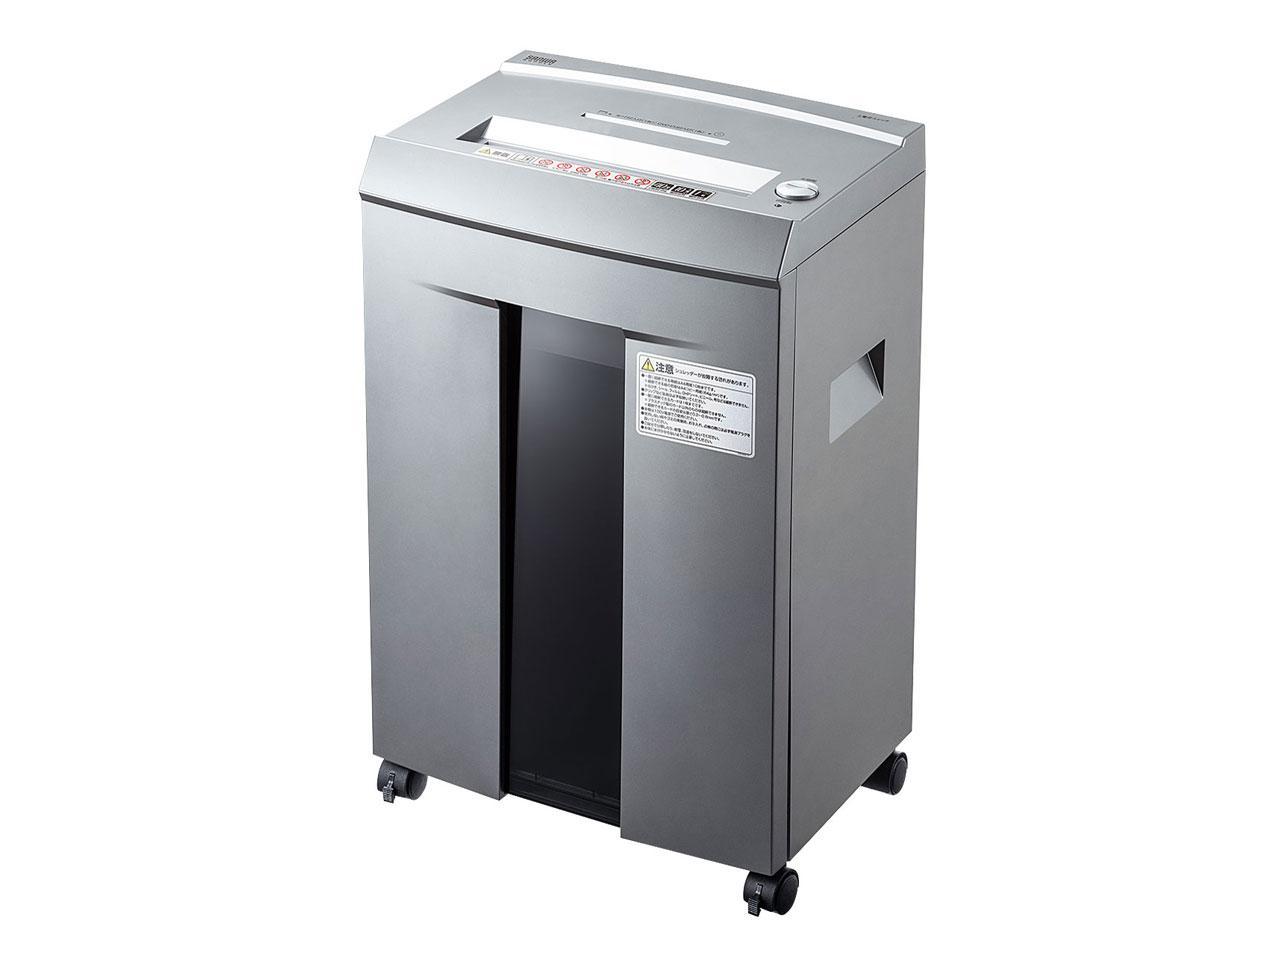 サンワサプライ ペーパー&CDシュレッダー(40分連続・マイクロカット・10枚) 品番:PSD-M4010【smtb-s】